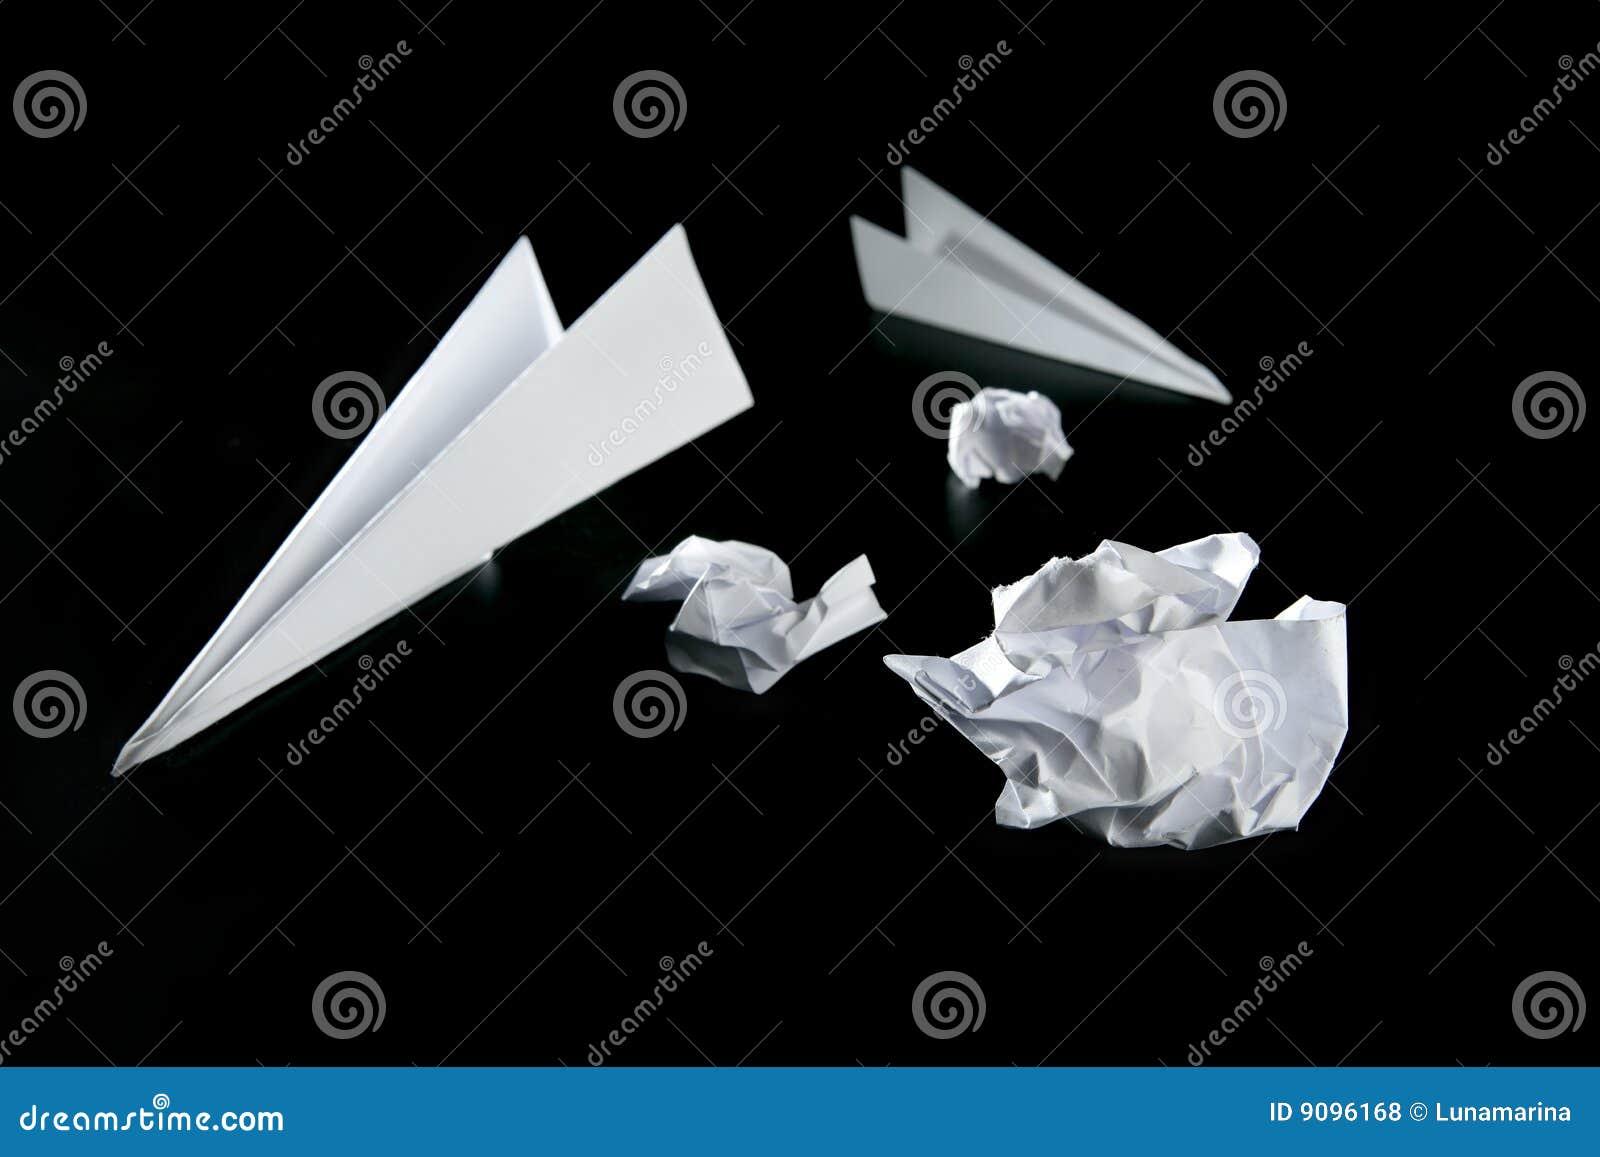 Abfallpapier und Luftflugzeug